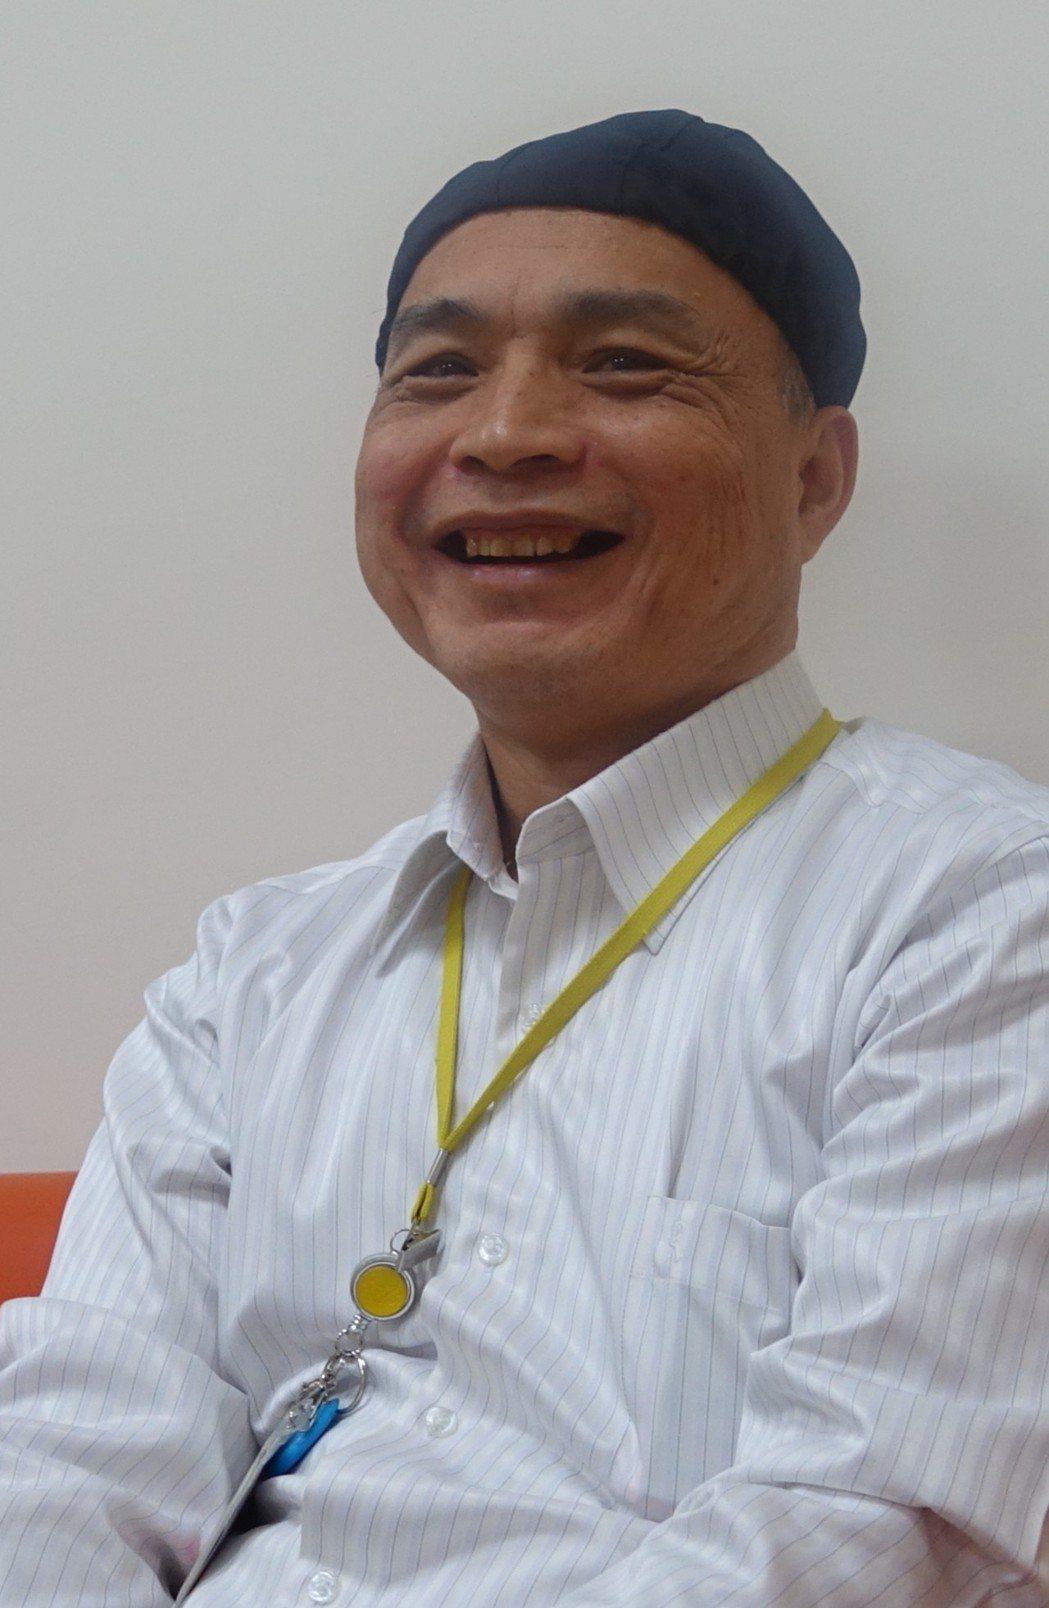 七賢脊椎外科醫院副院長黃燕芬從醫之路走得曲折,「成為病人依靠」的信念支撐著他一路...